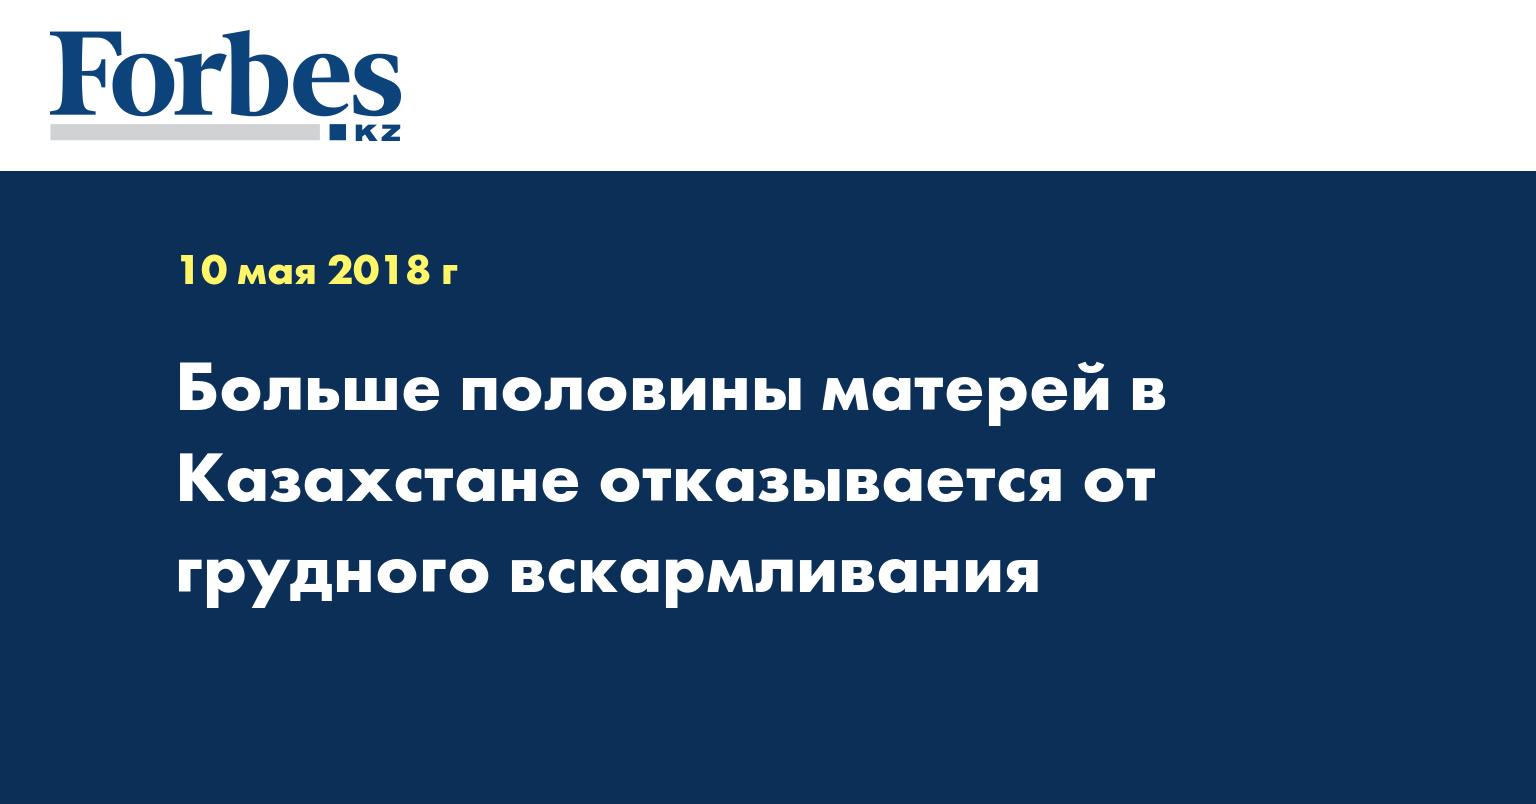 Больше половины матерей в Казахстане отказывается от грудного вскармливания